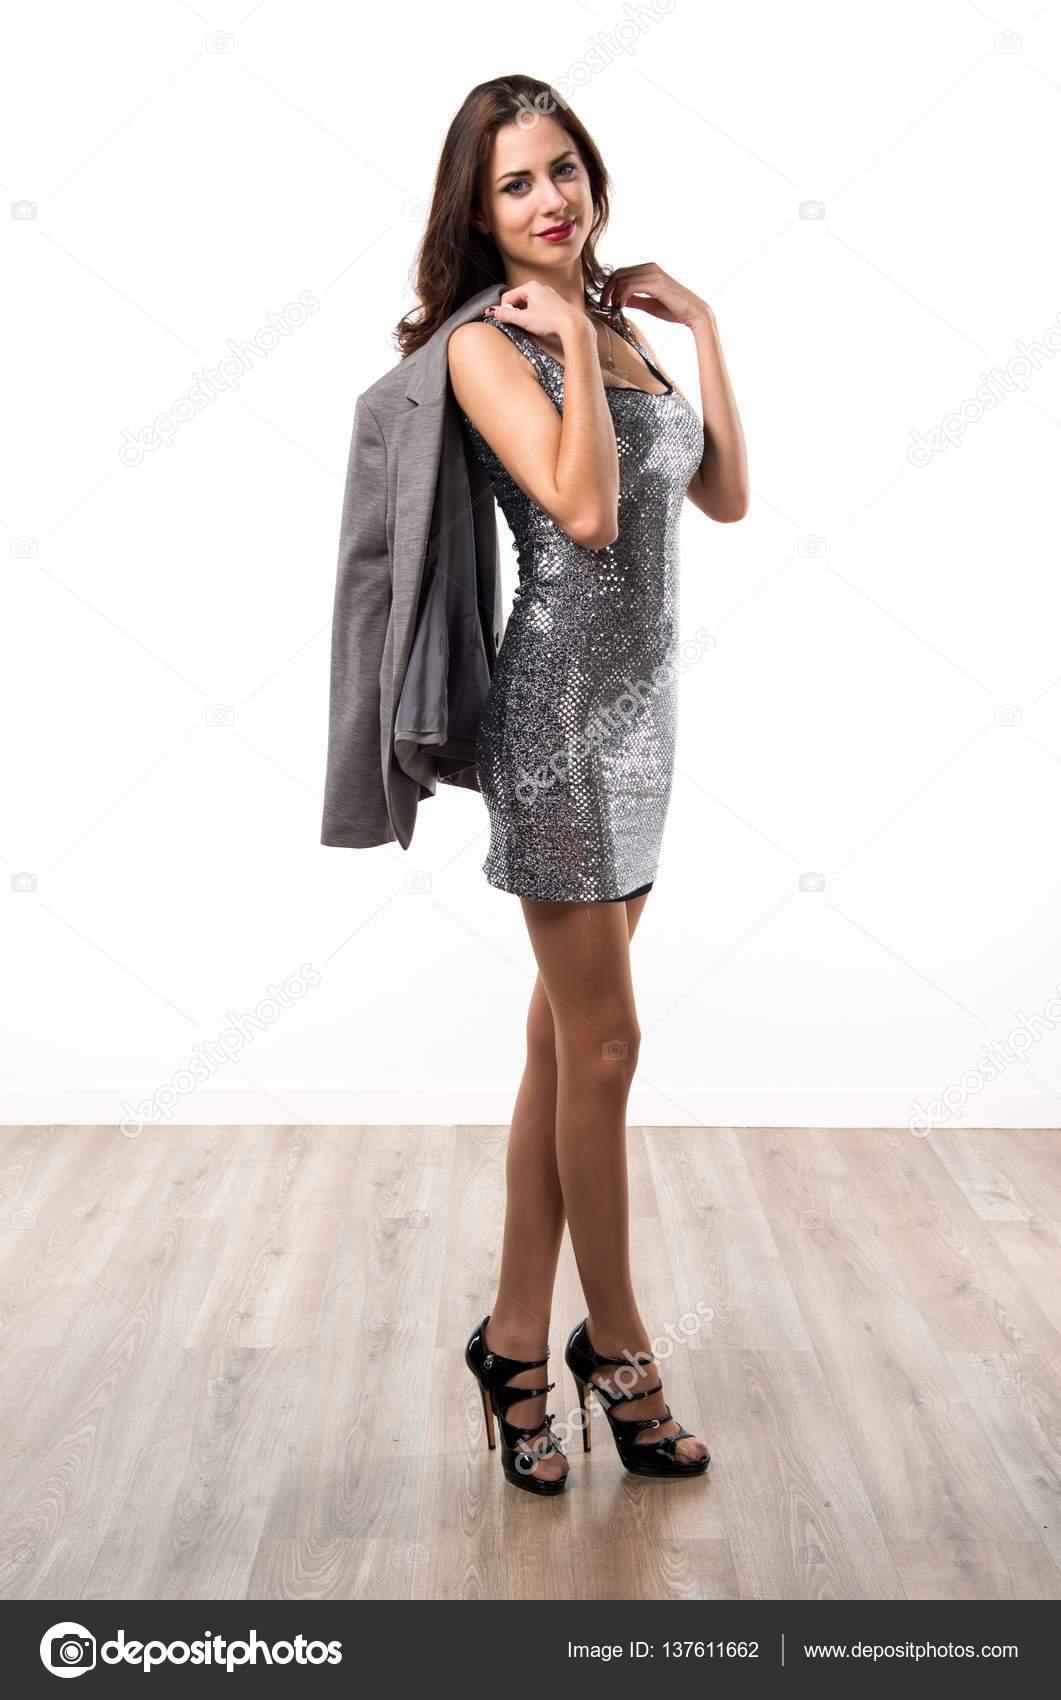 schöne Frau in einem Party-Kleid — Stockfoto © luismolinero #137611662